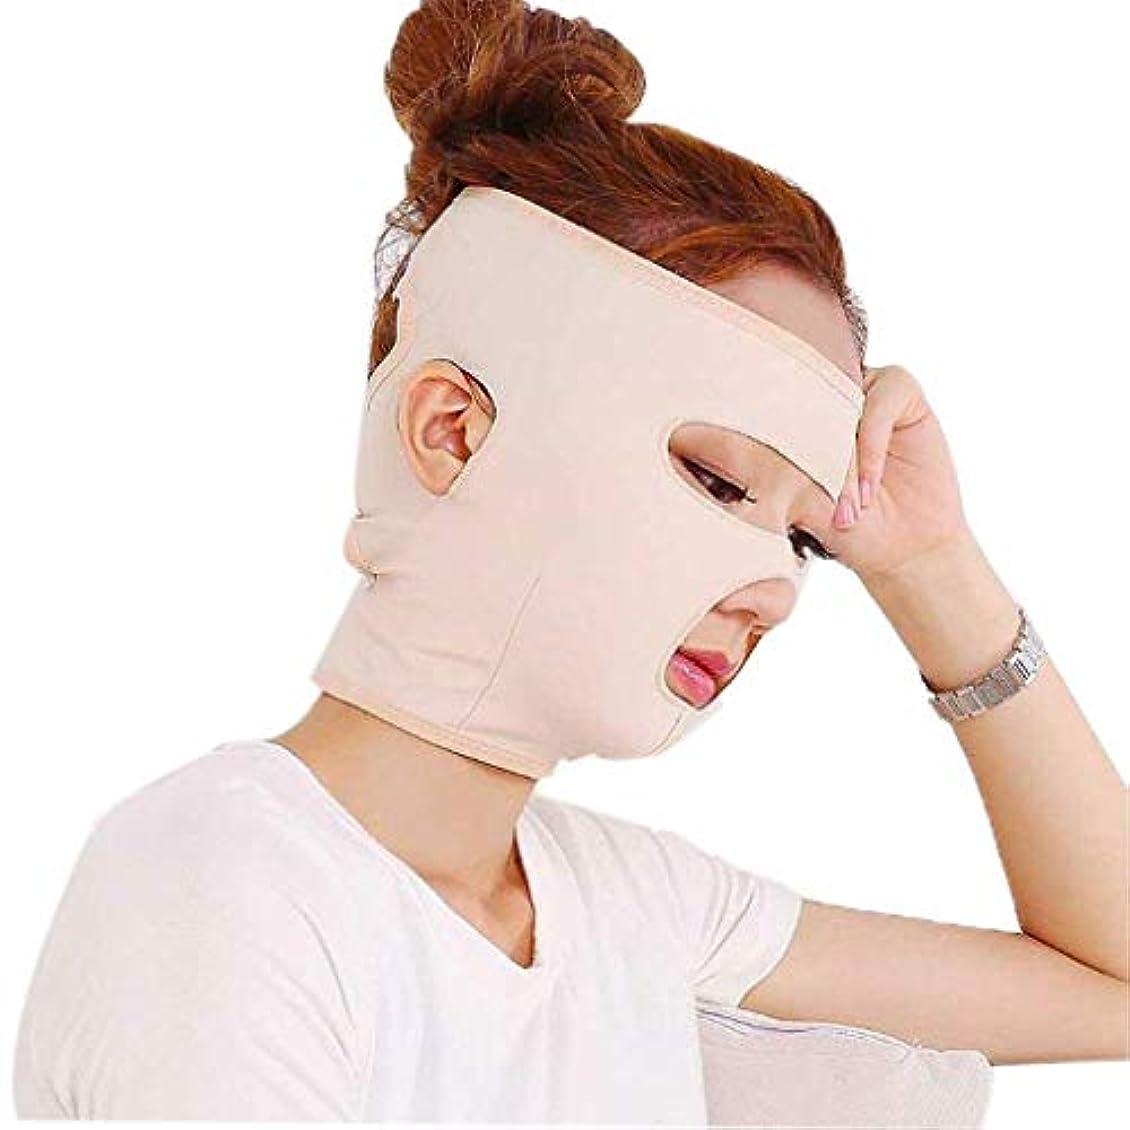 オープニングテープ威信フェイスリフティングマスク、フルフェイス通気性の術後回復包帯リフティング引き締め肌の減少により小さなVフェイスマスクを作成(サイズ:L)